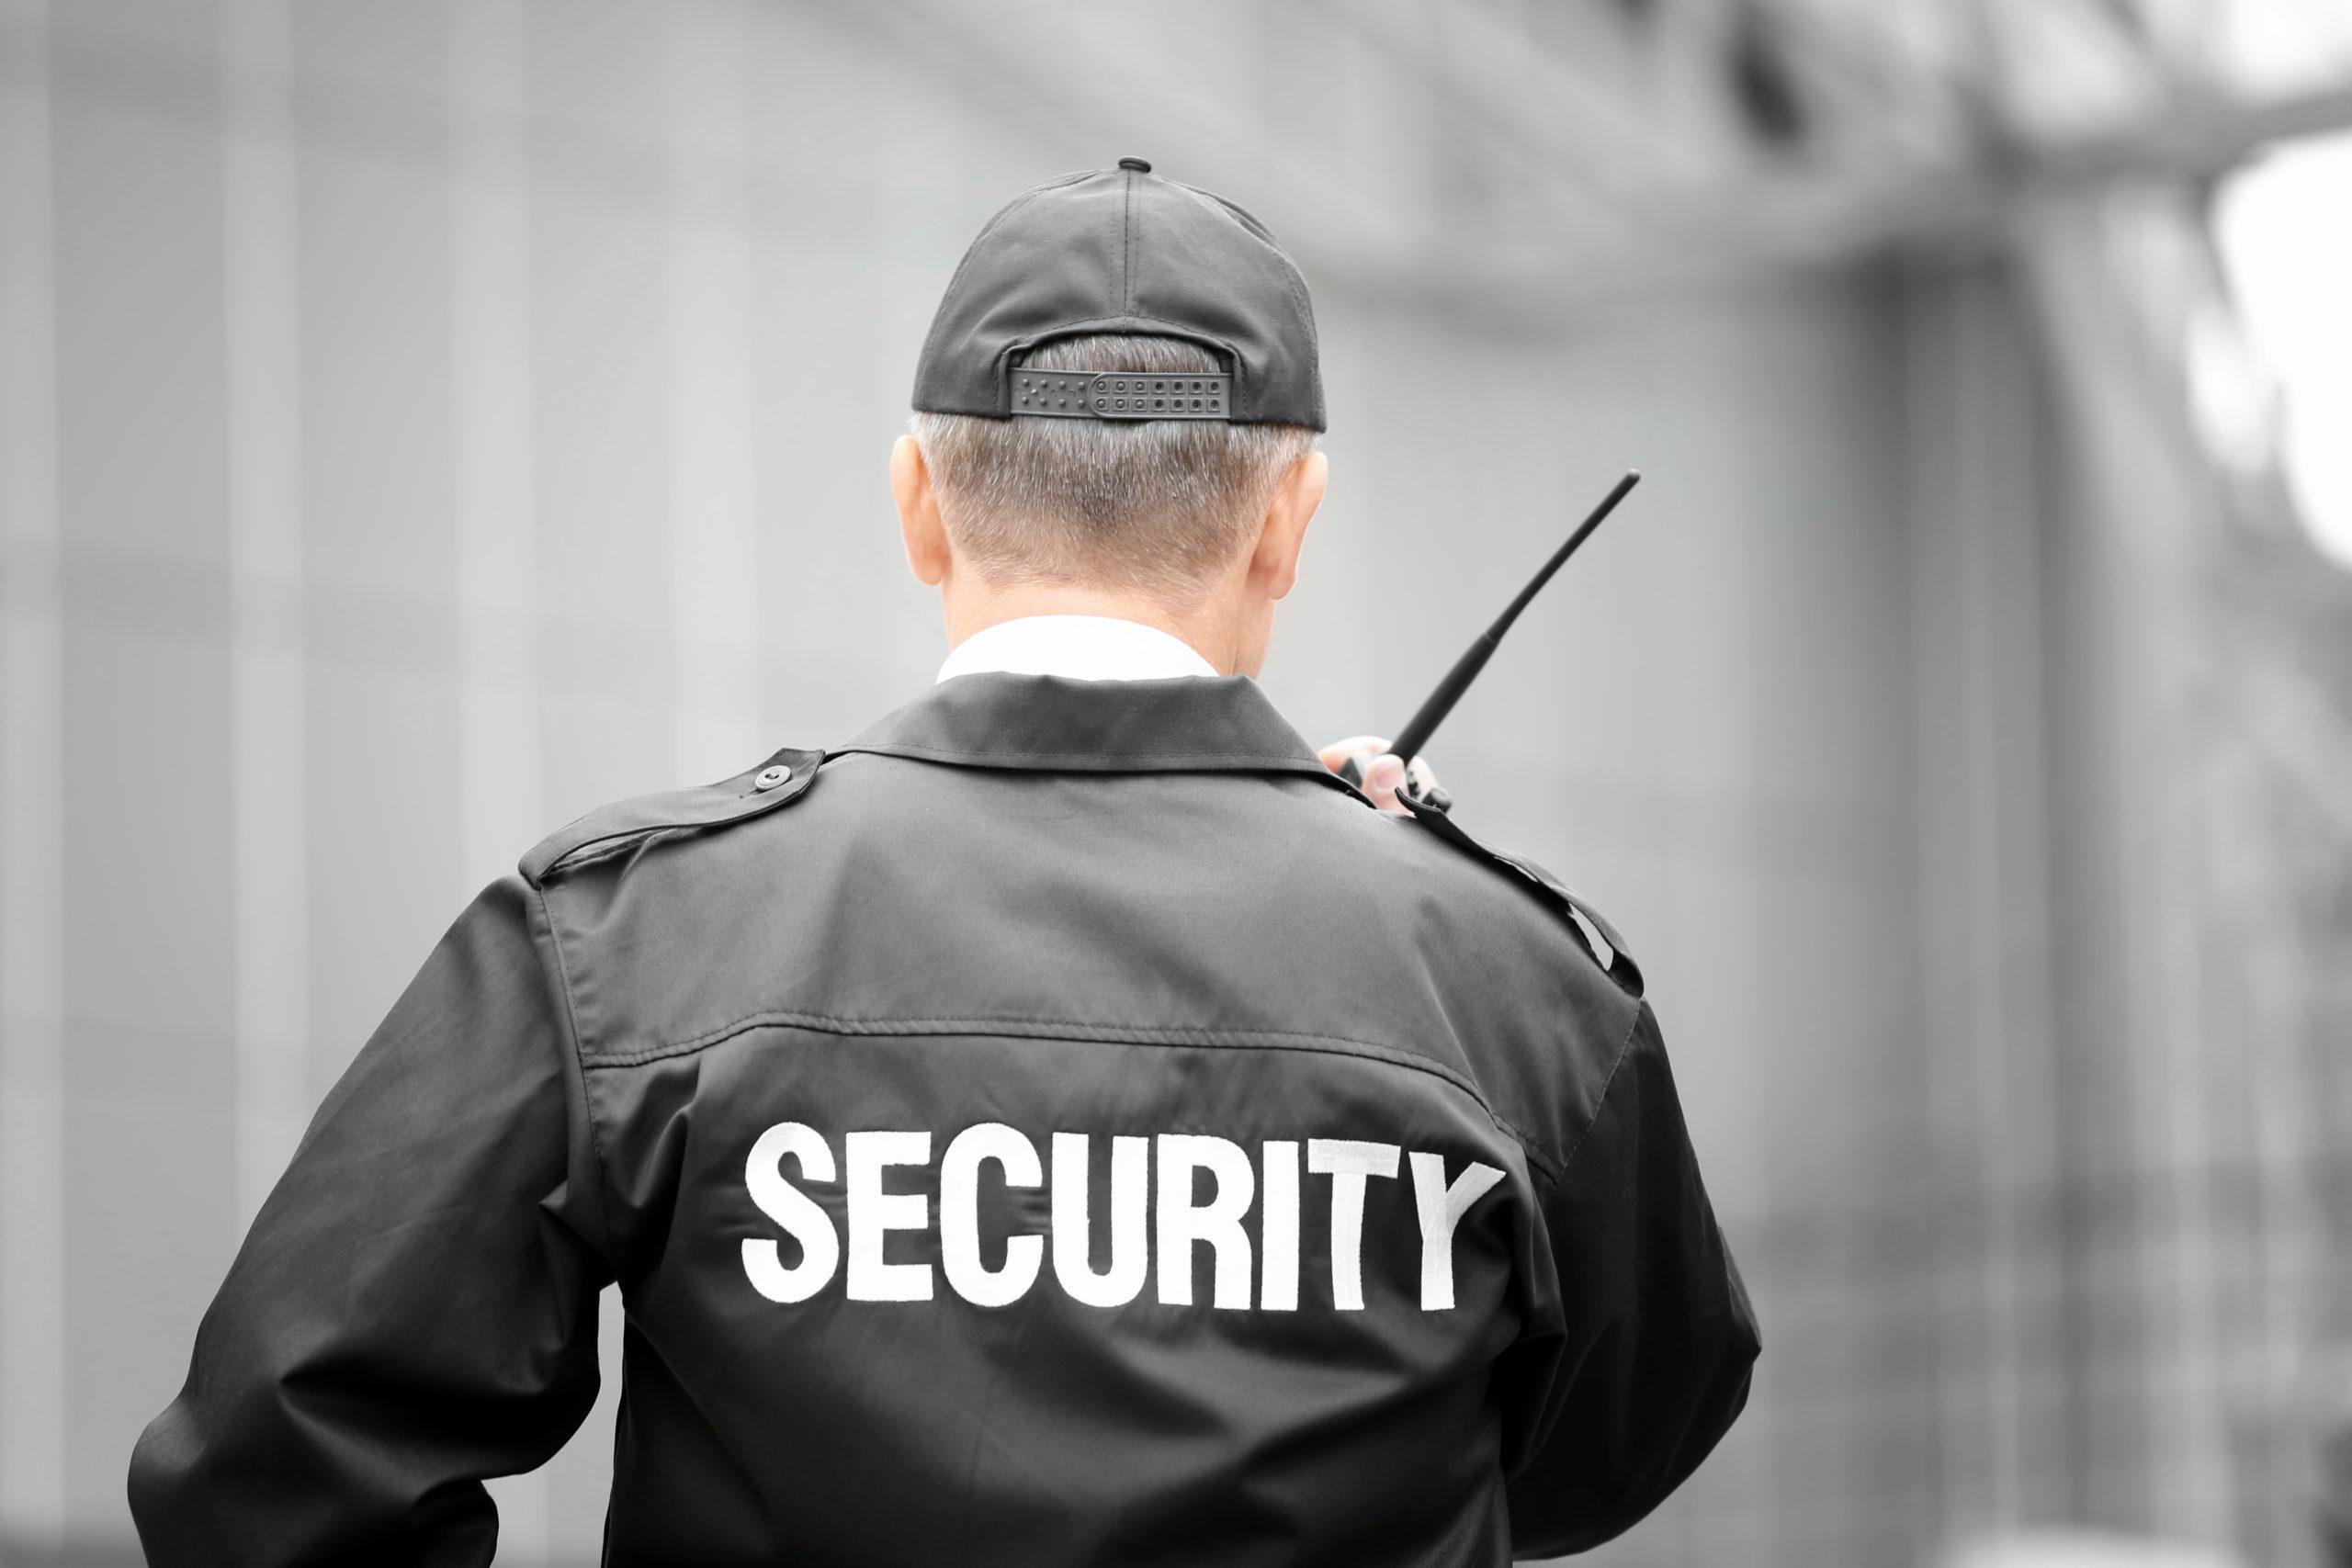 Empresas de Segurança: 5 itens para conferir antes de contratar